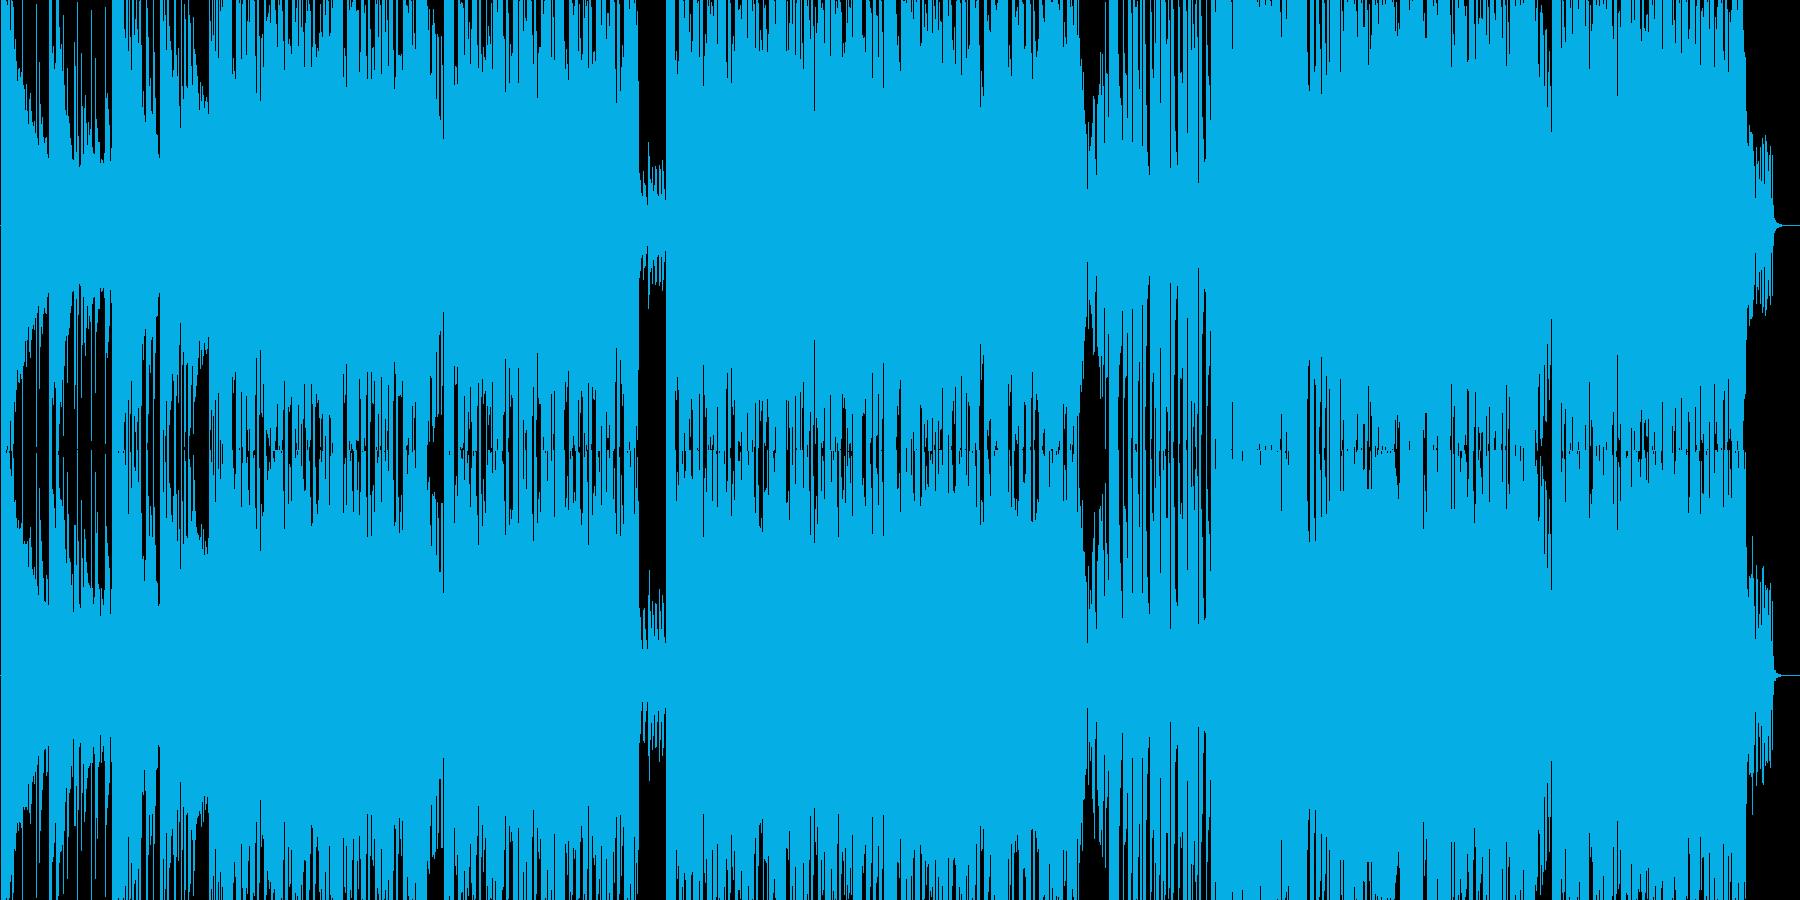 激しく勢いのあるカッコいいダンサブルな曲の再生済みの波形